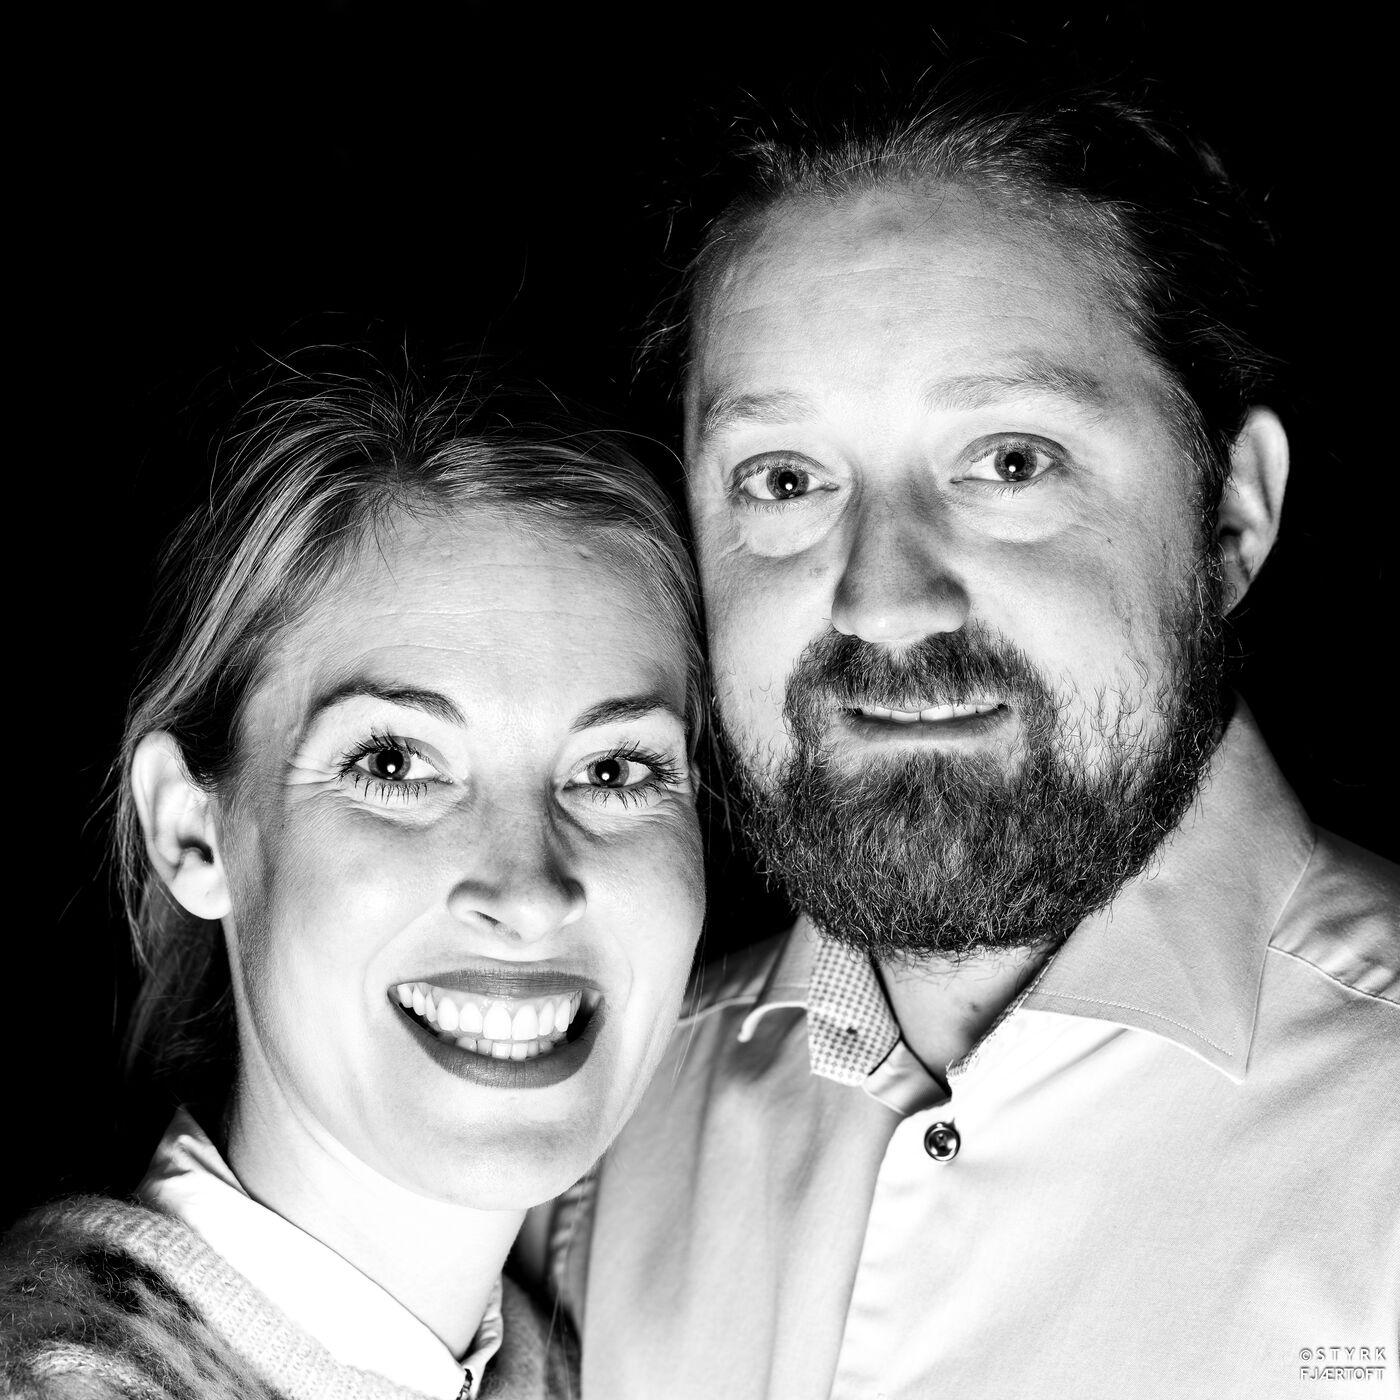 TUDDAL HØYFJELLSHOTEL: Kjærlighet til hverandre, hotellet og gjestene